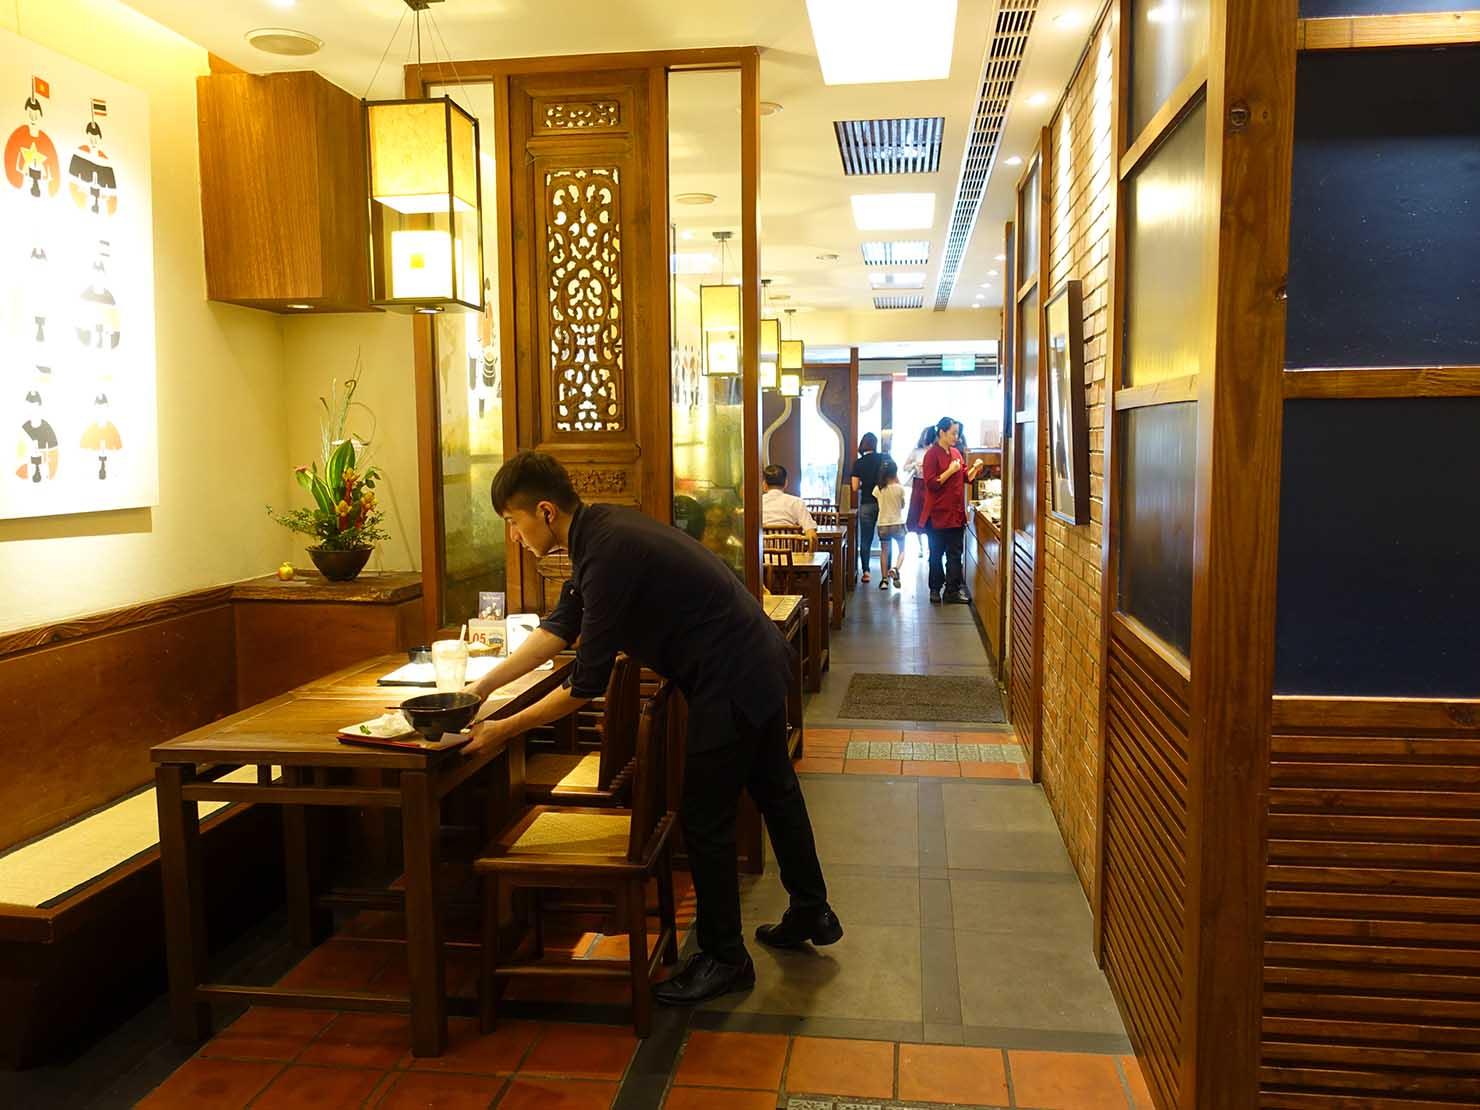 台中観光のおすすめスポット「春水堂創始店」の店内